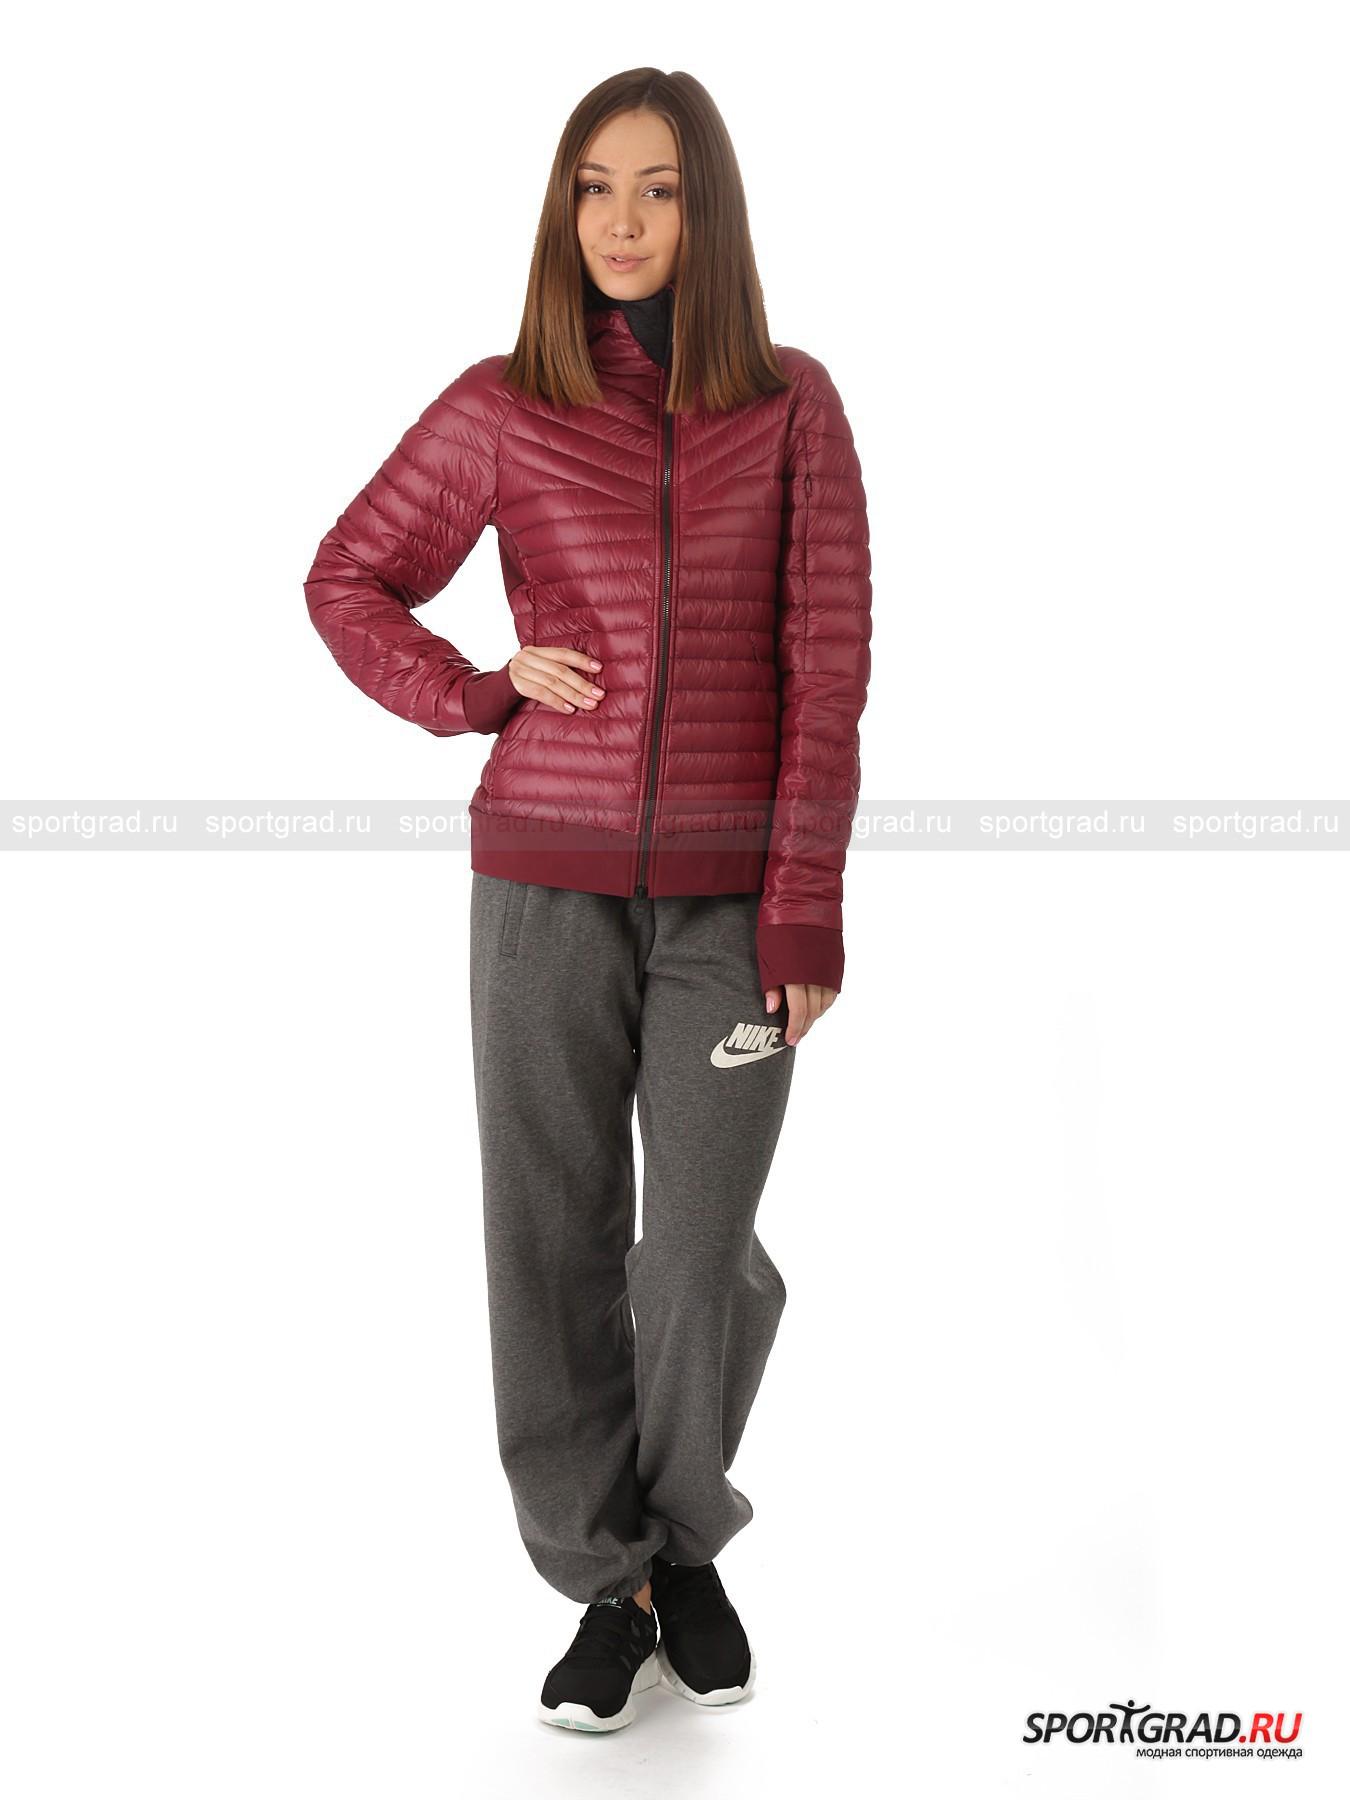 Куртка женская стеганая Echelon jacket 900 hooded NIKE на пуху от Спортград